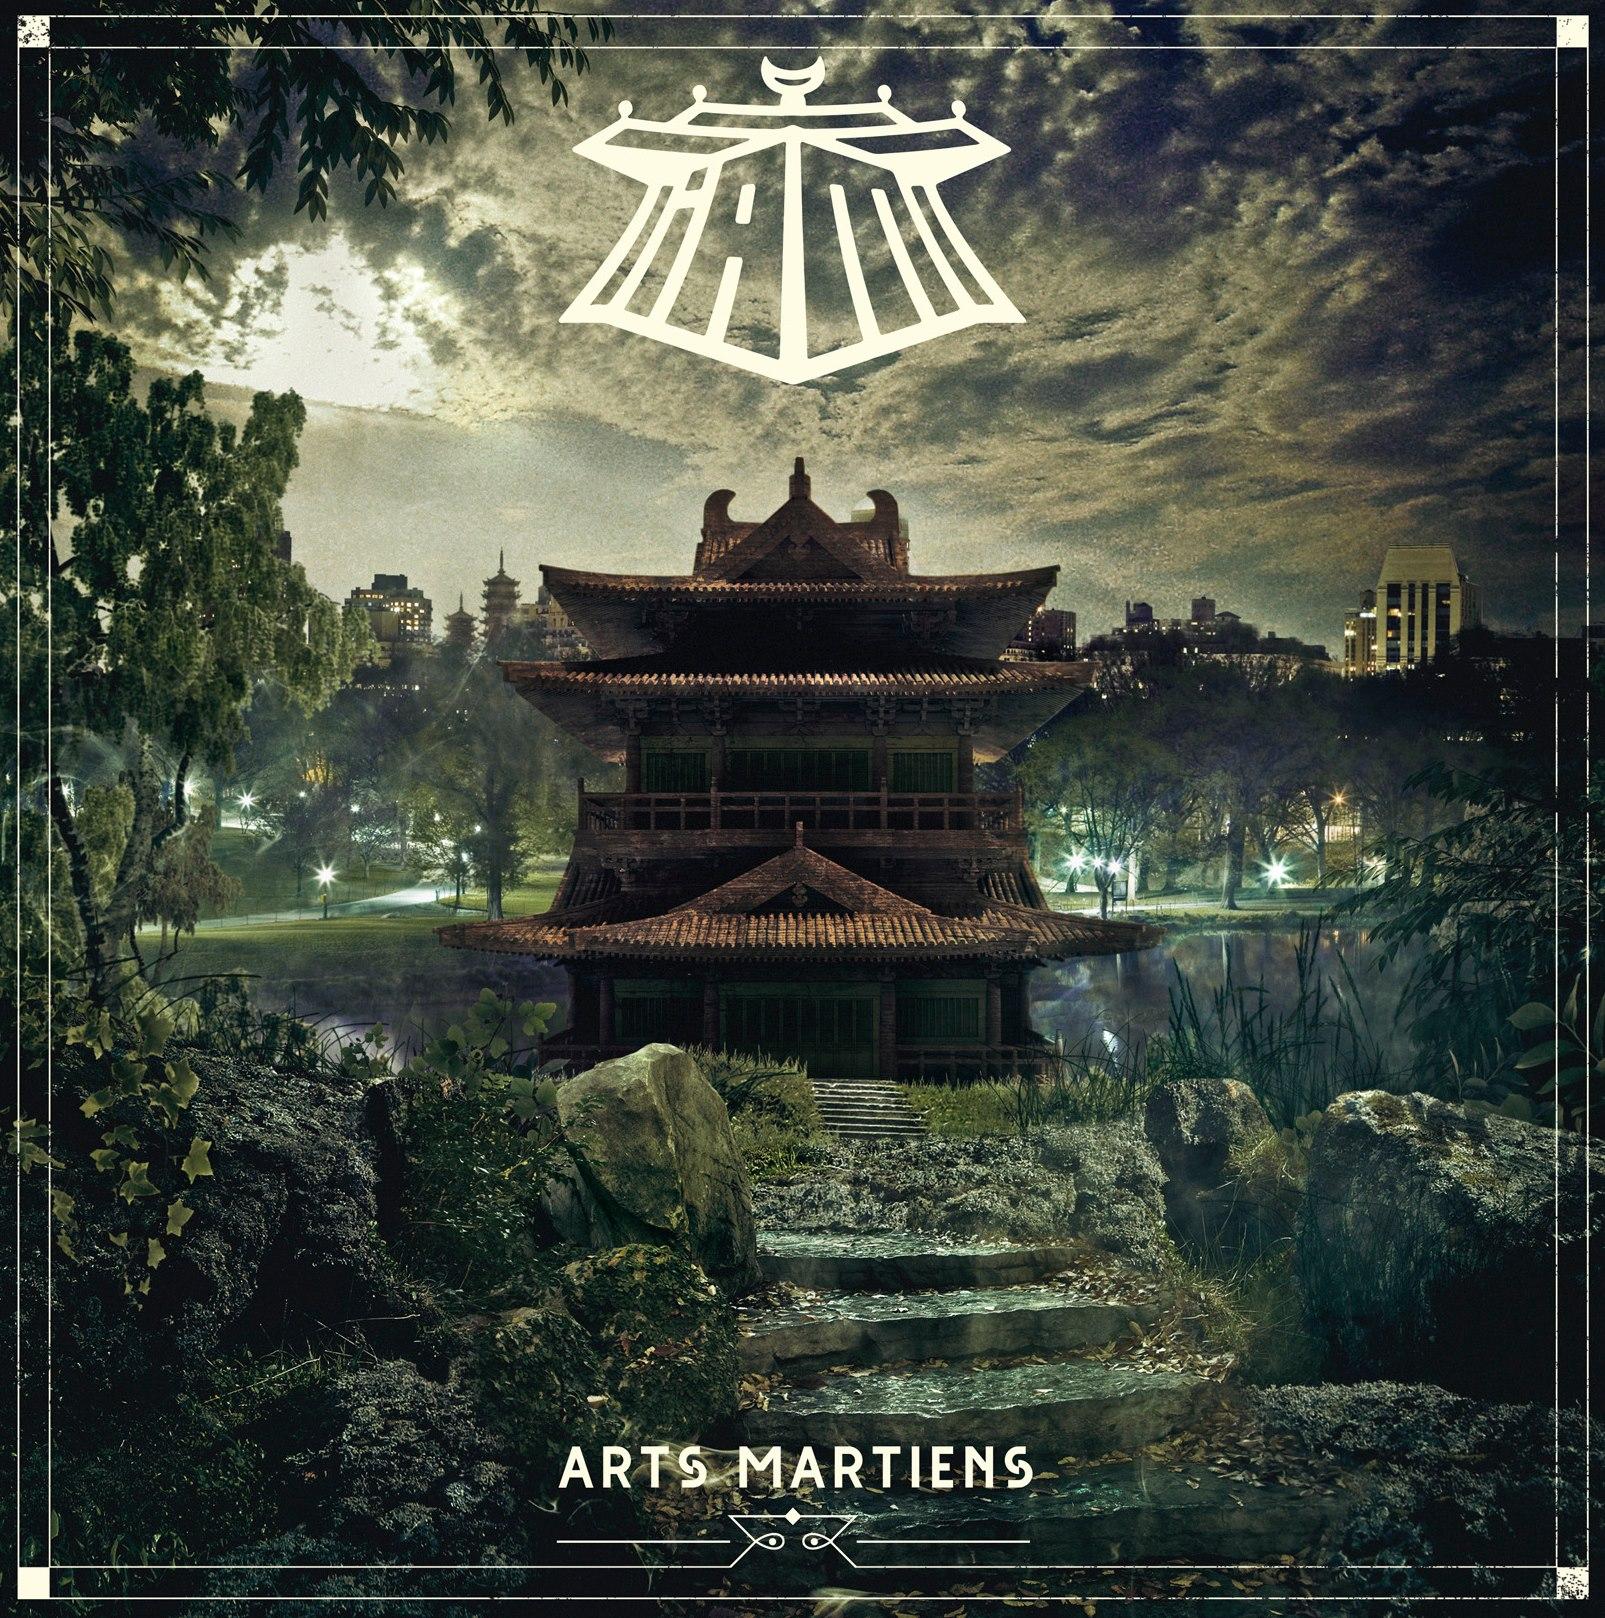 Cover Nouvel Album IAM Arts Martiens raco82 tijuana.fr